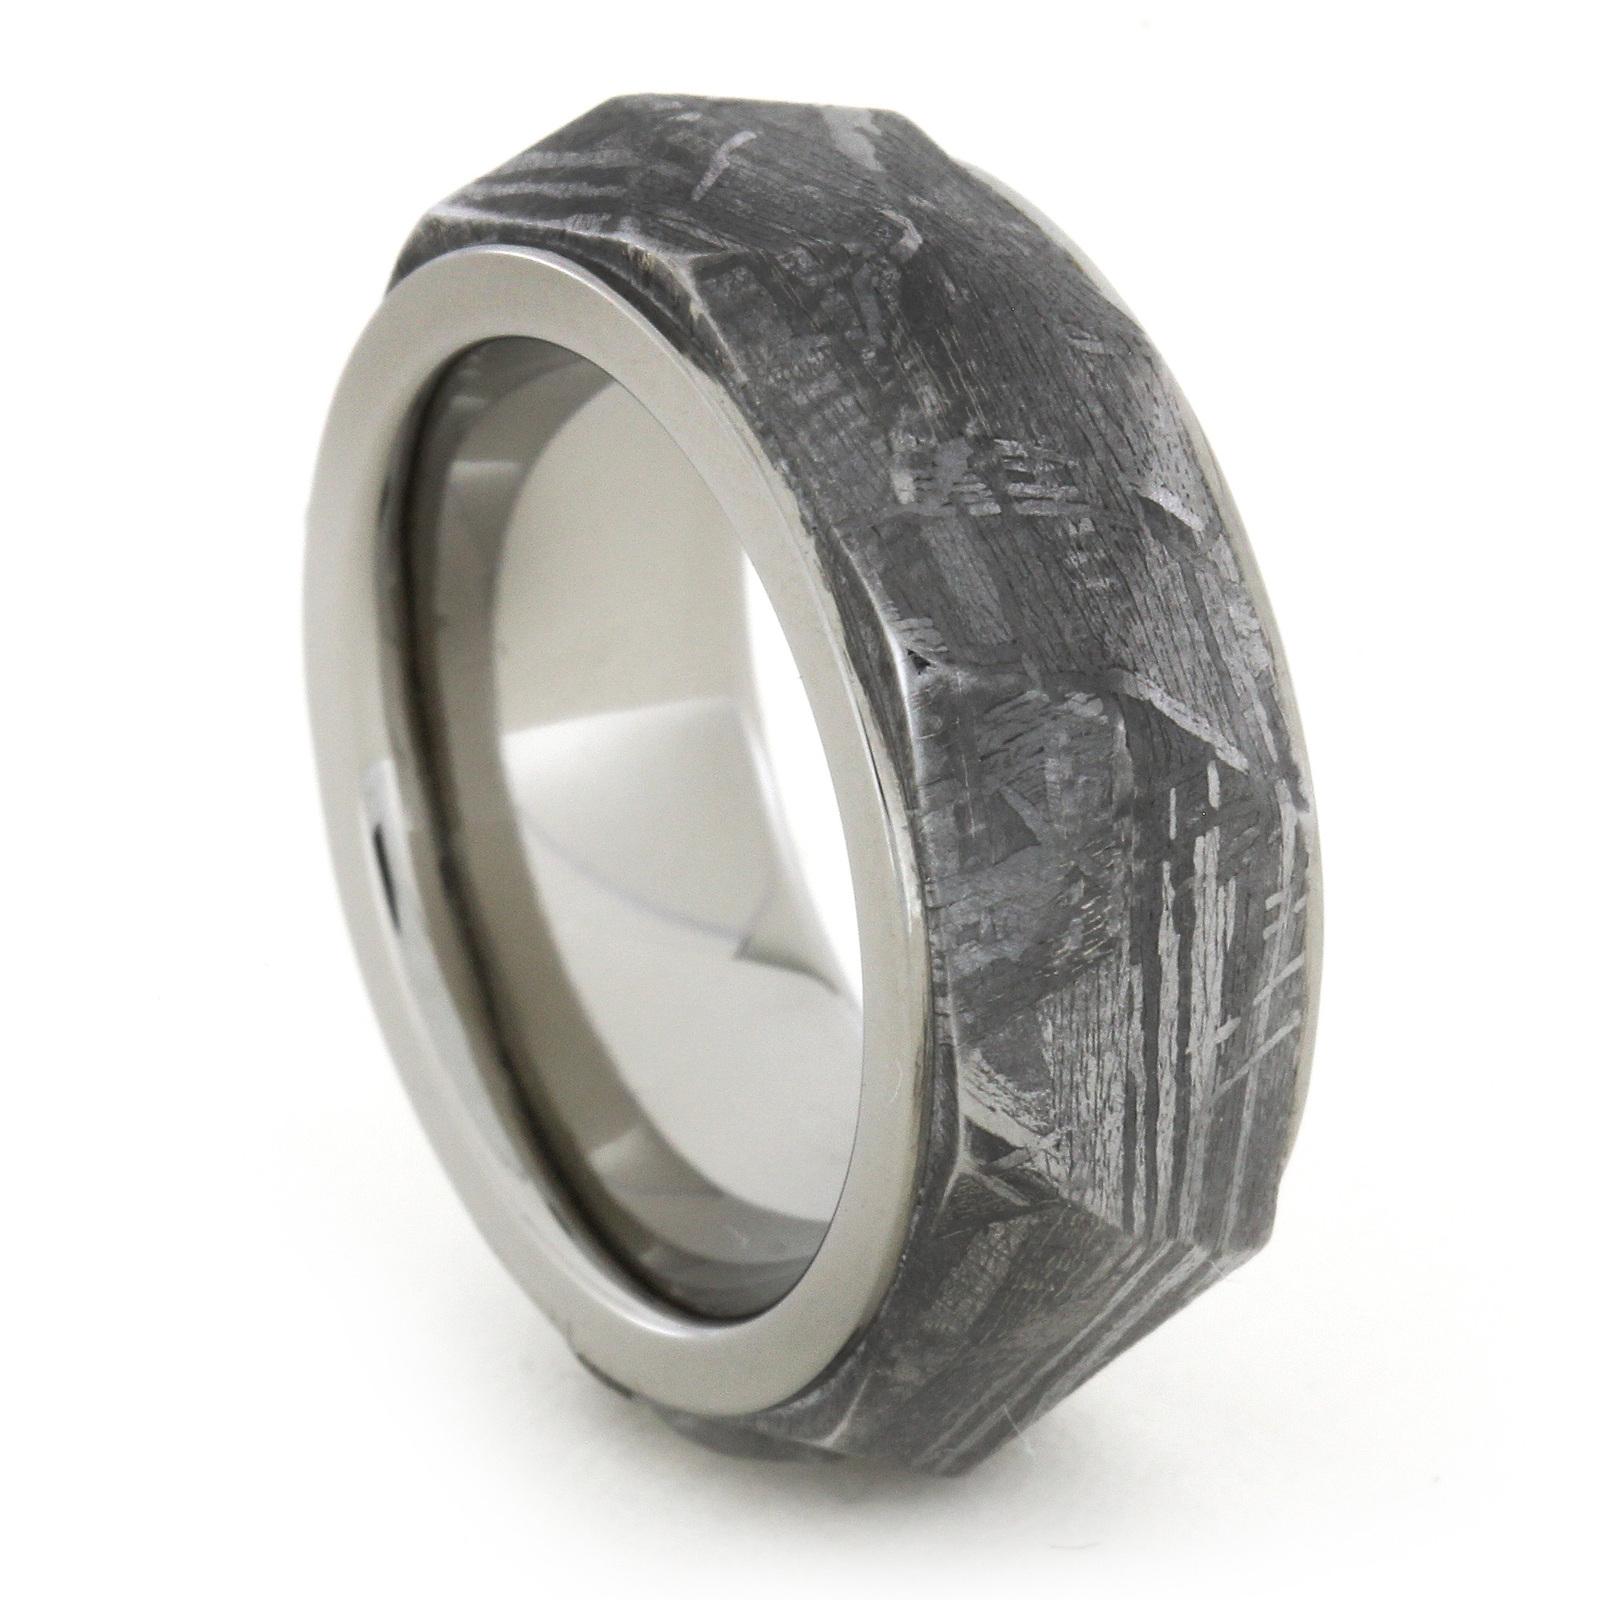 Gibeon Rings Nz